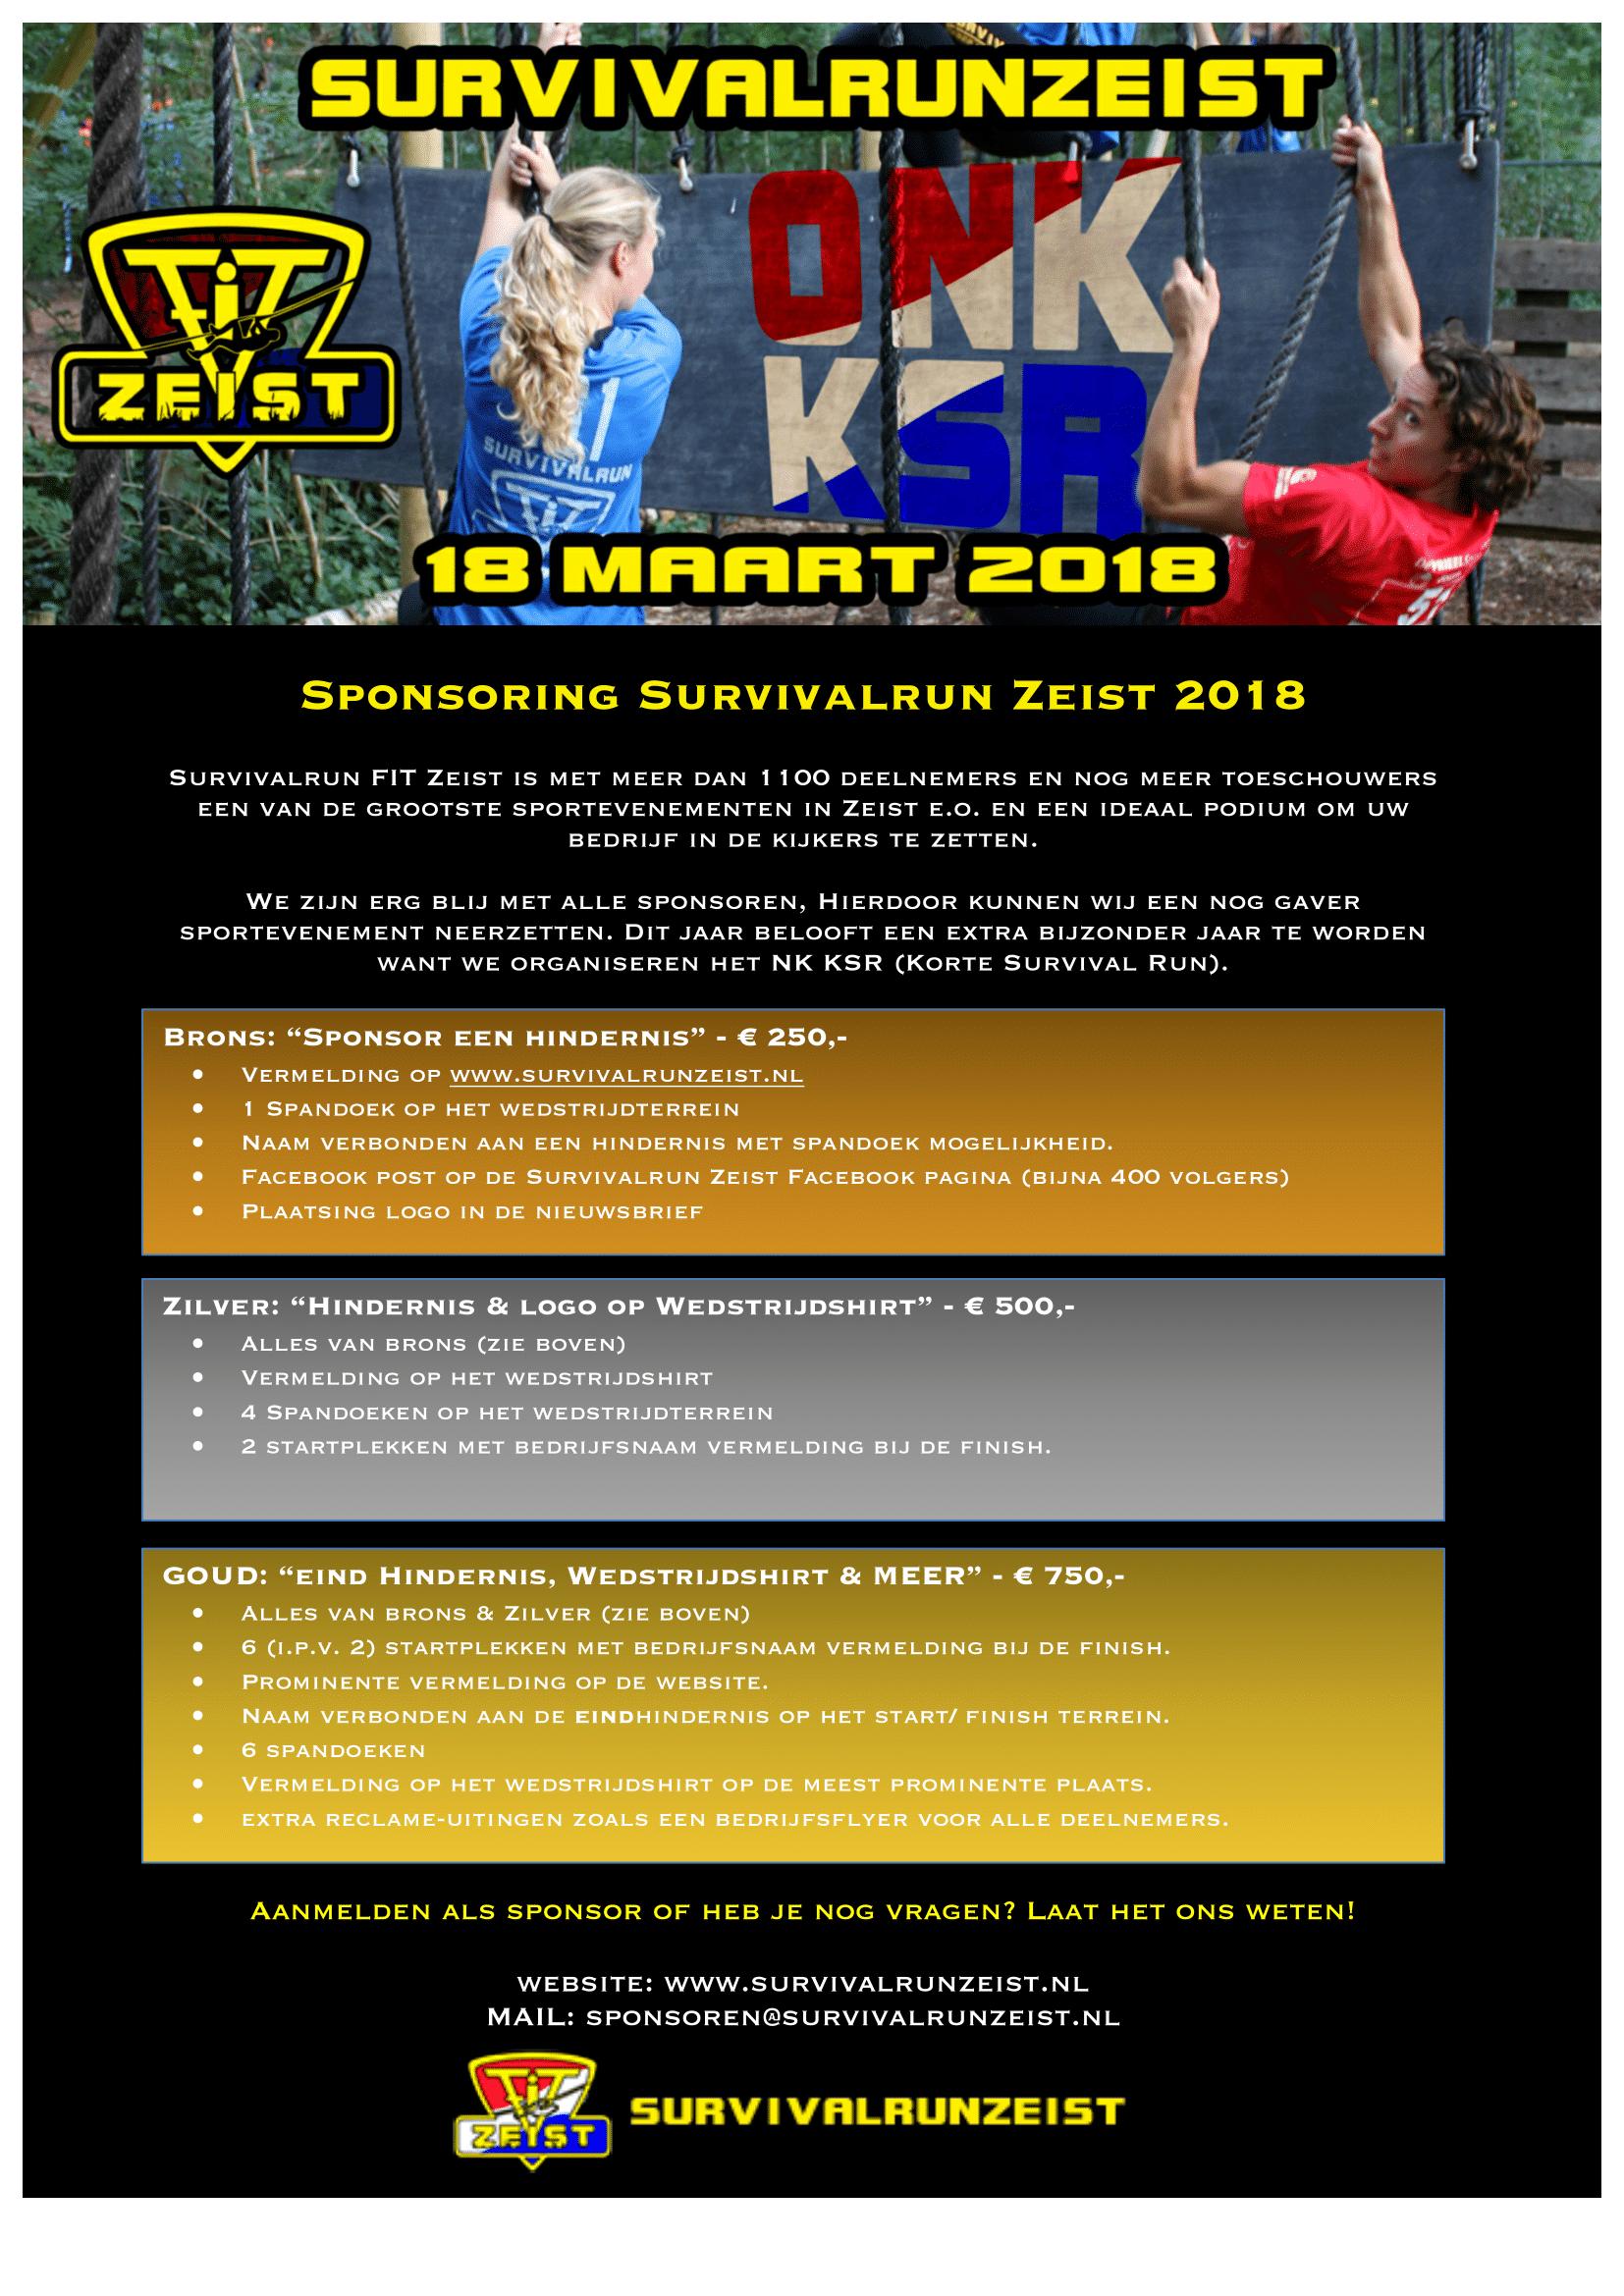 Sponsoring survivalrun Zeist 2018-1